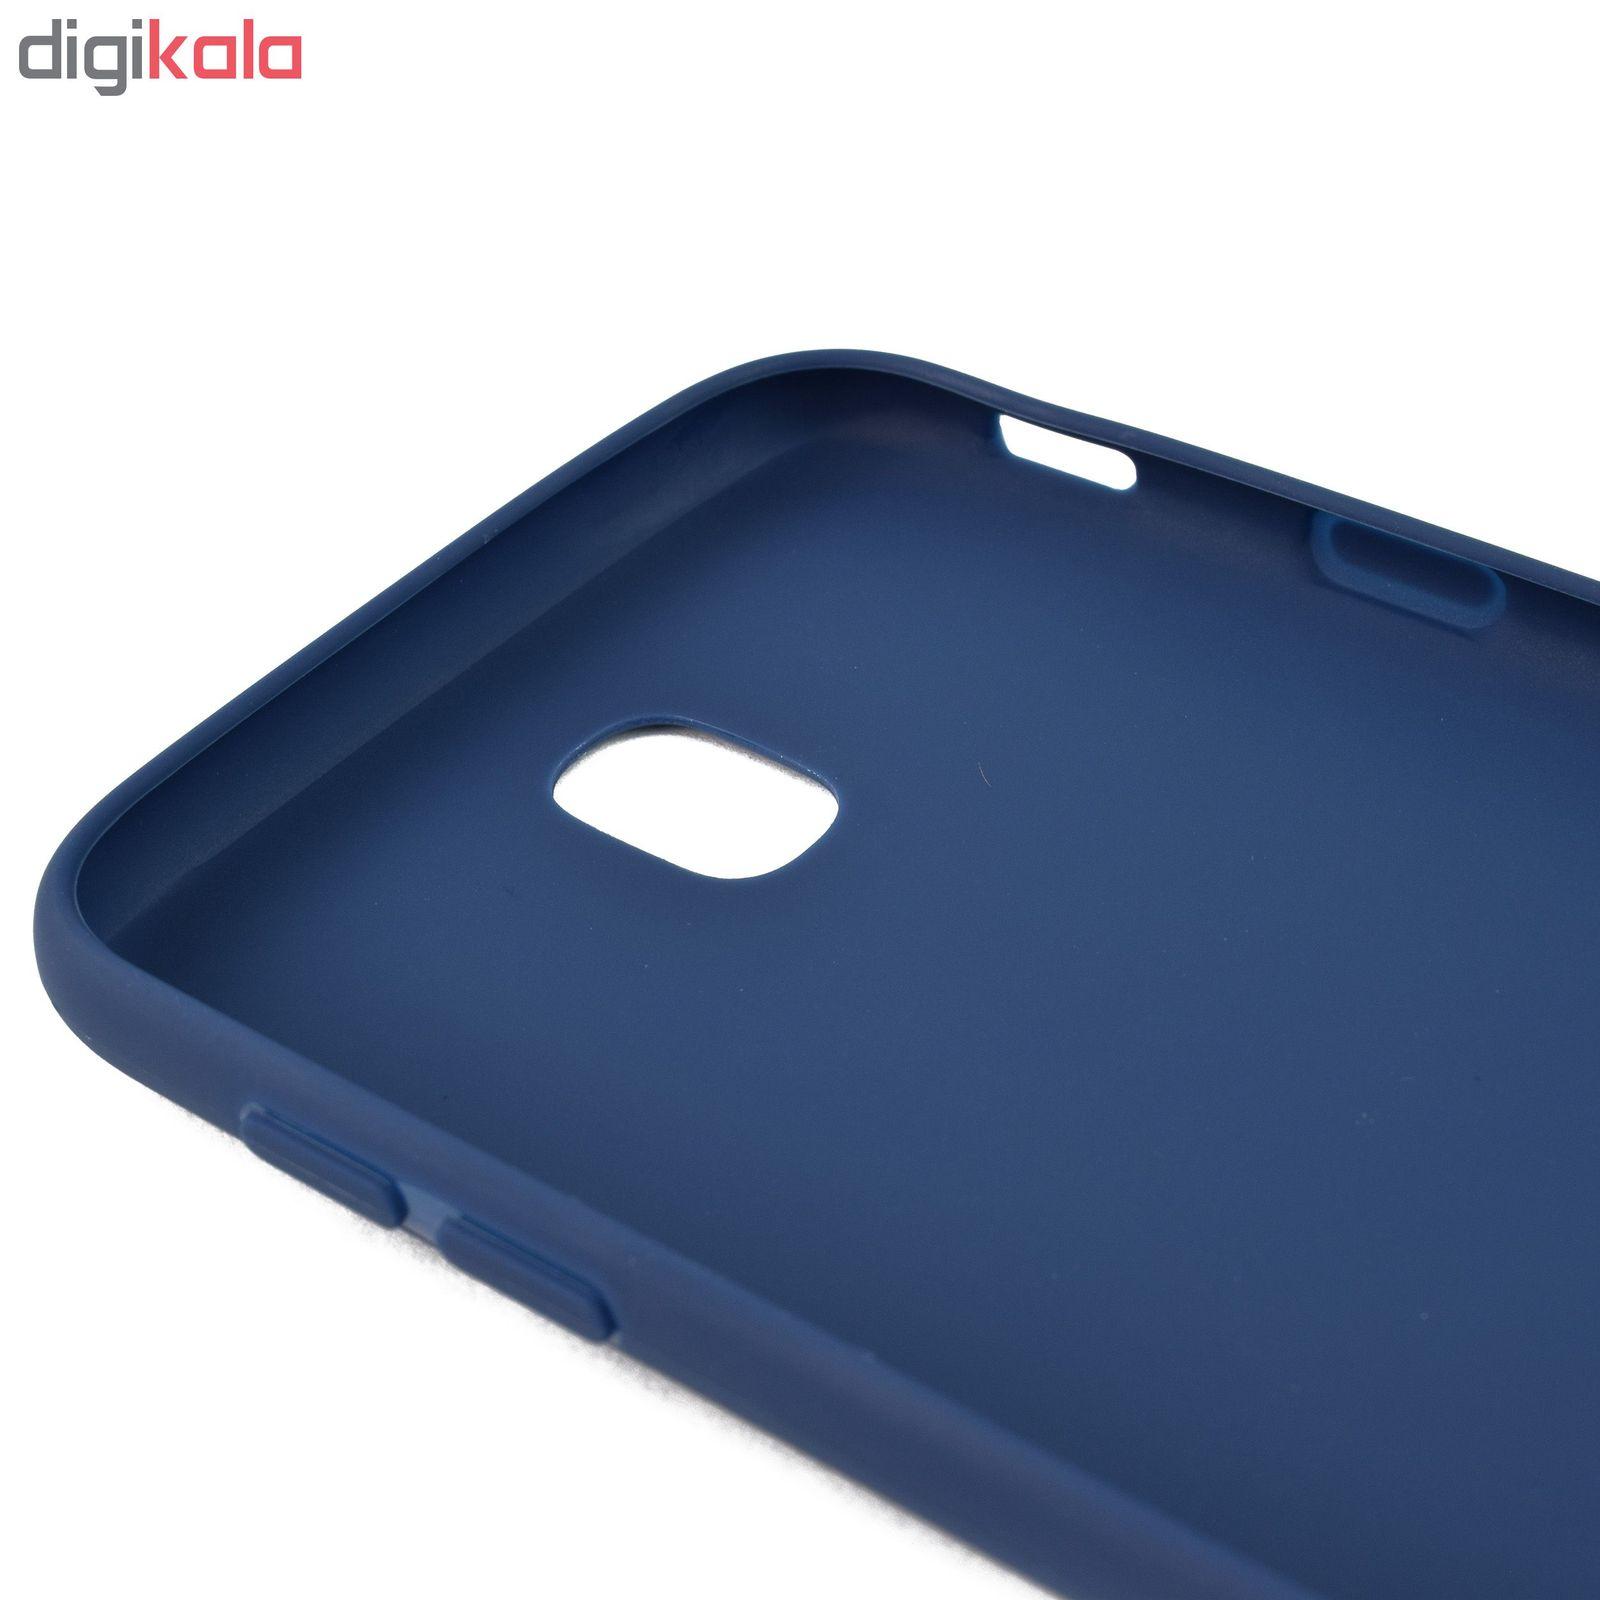 کاور مدل SC20 مناسب برای گوشی موبایل سامسونگ Galaxy J7 Pro / J730 main 1 11